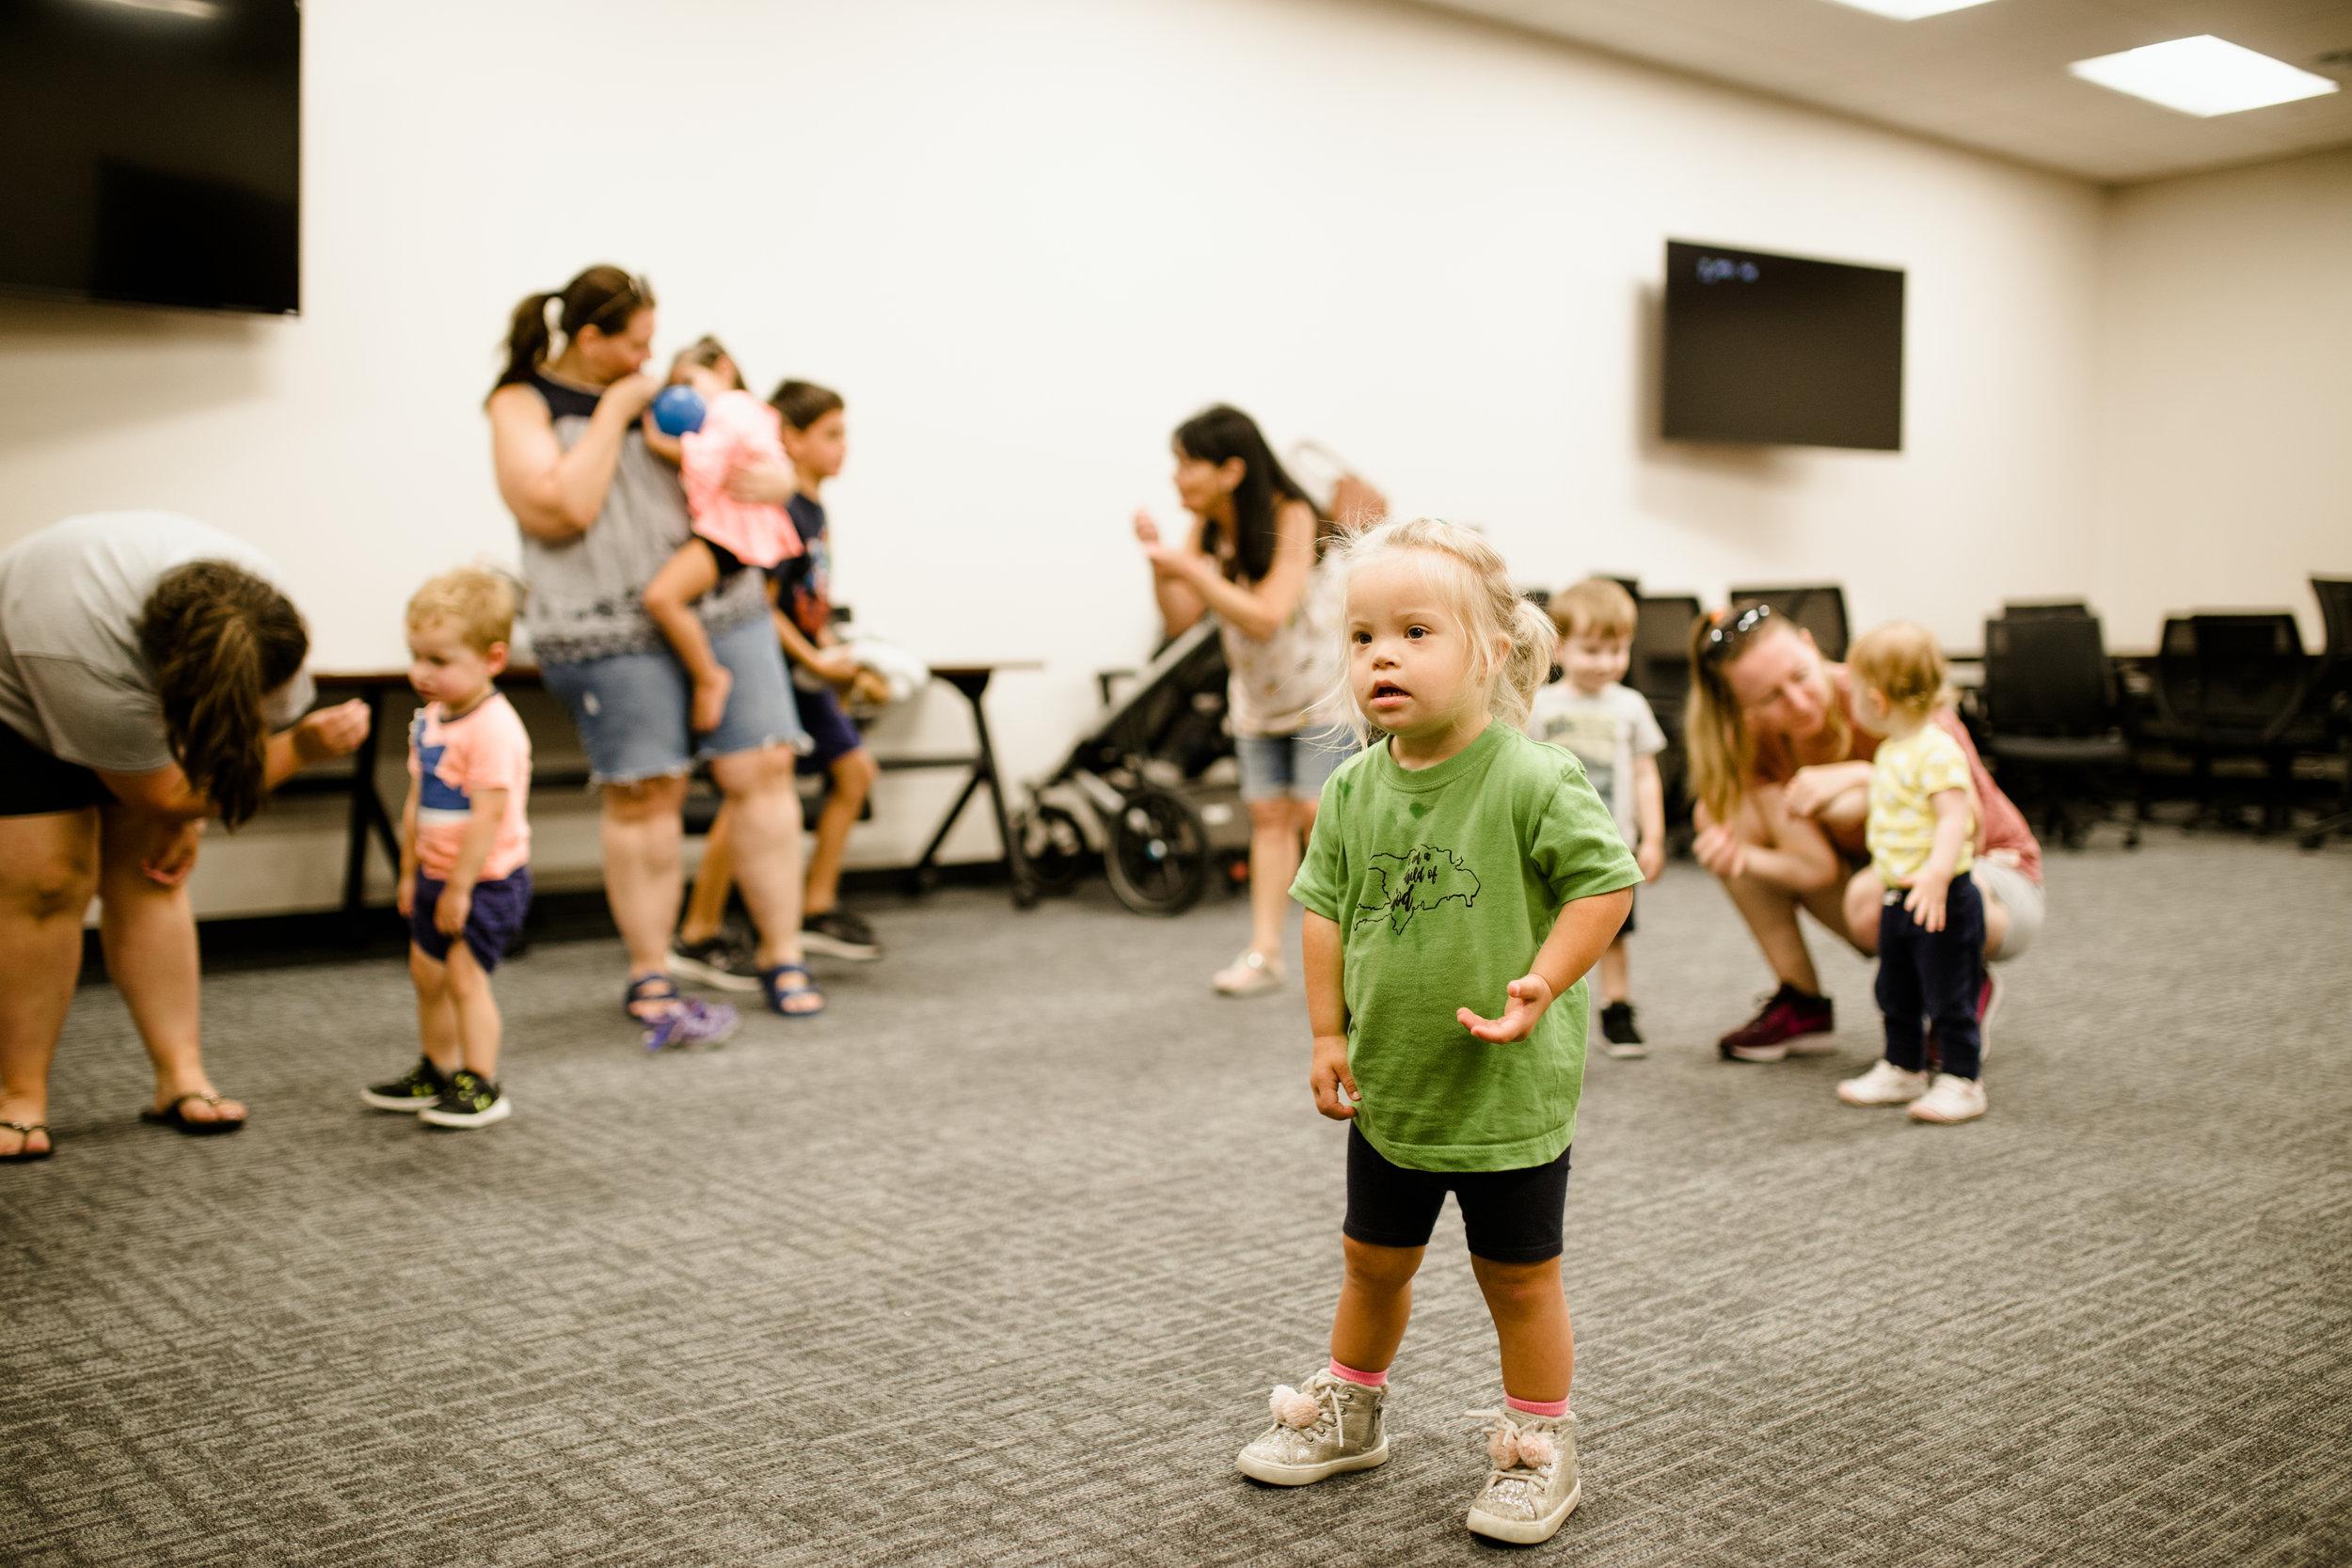 MHMR Children with Developmental Delays Serve Denton